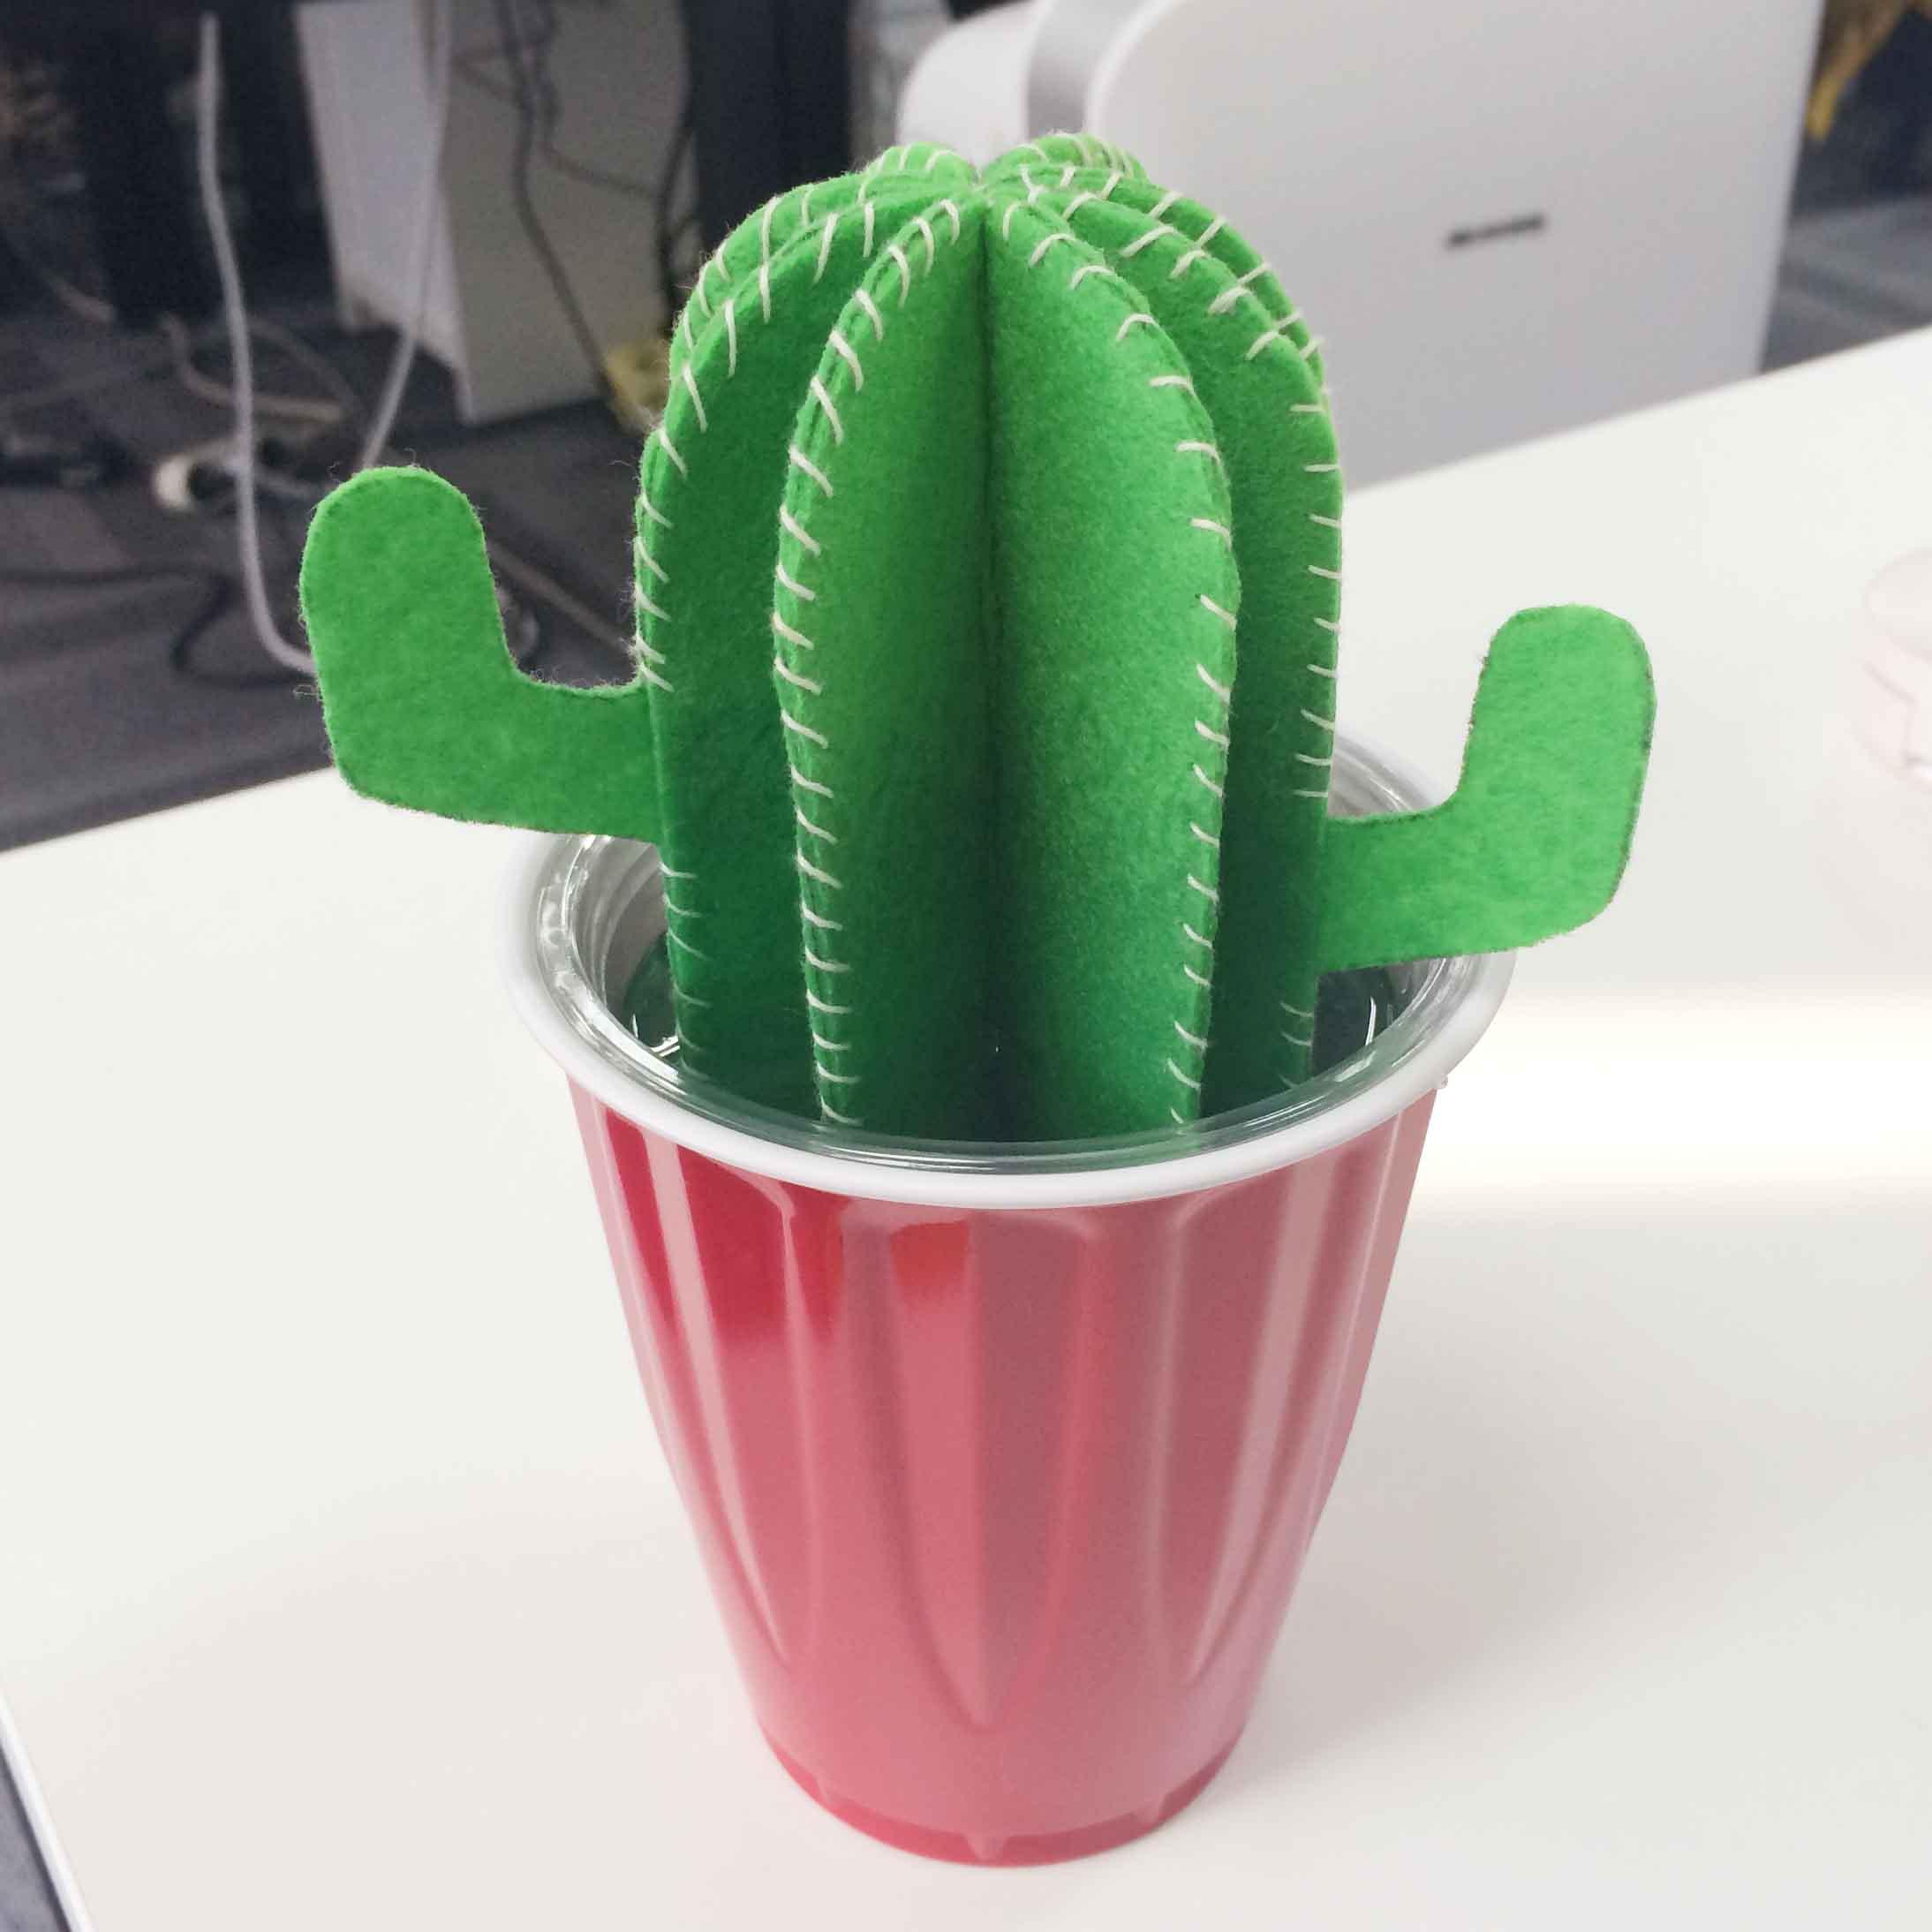 比起用透明的杯子,用帶顏色的杯子的話,會更漂亮的..花盆的即視感!